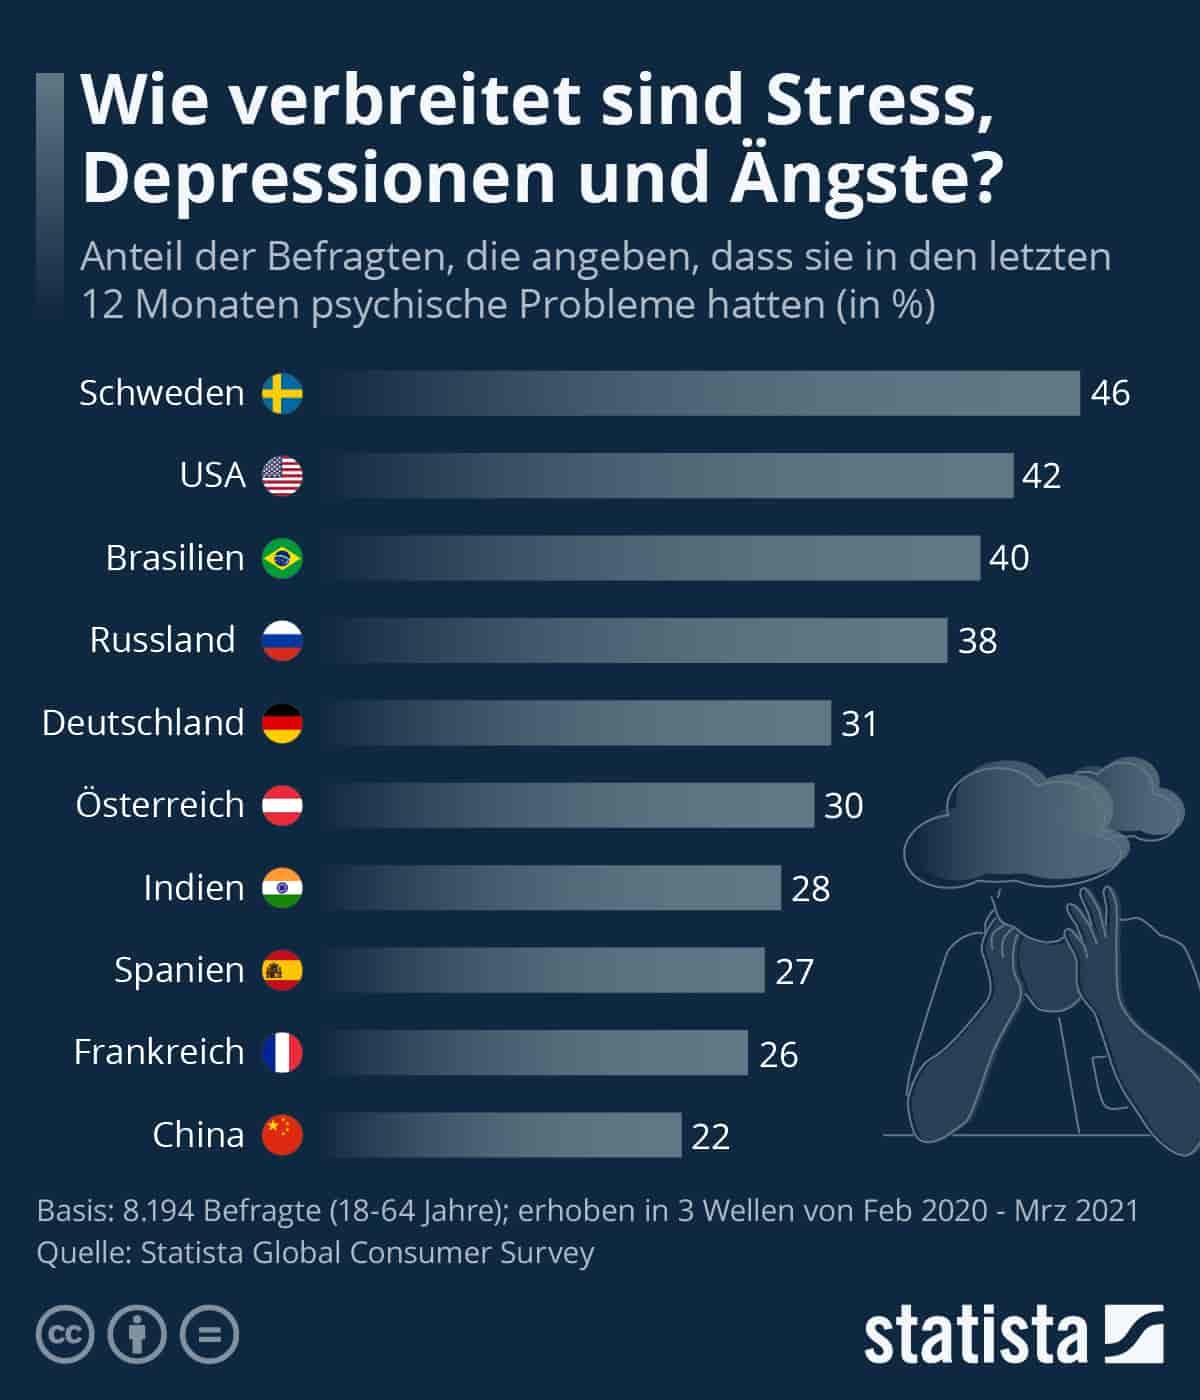 Verbreitung psychische Probleme Ländervergleich